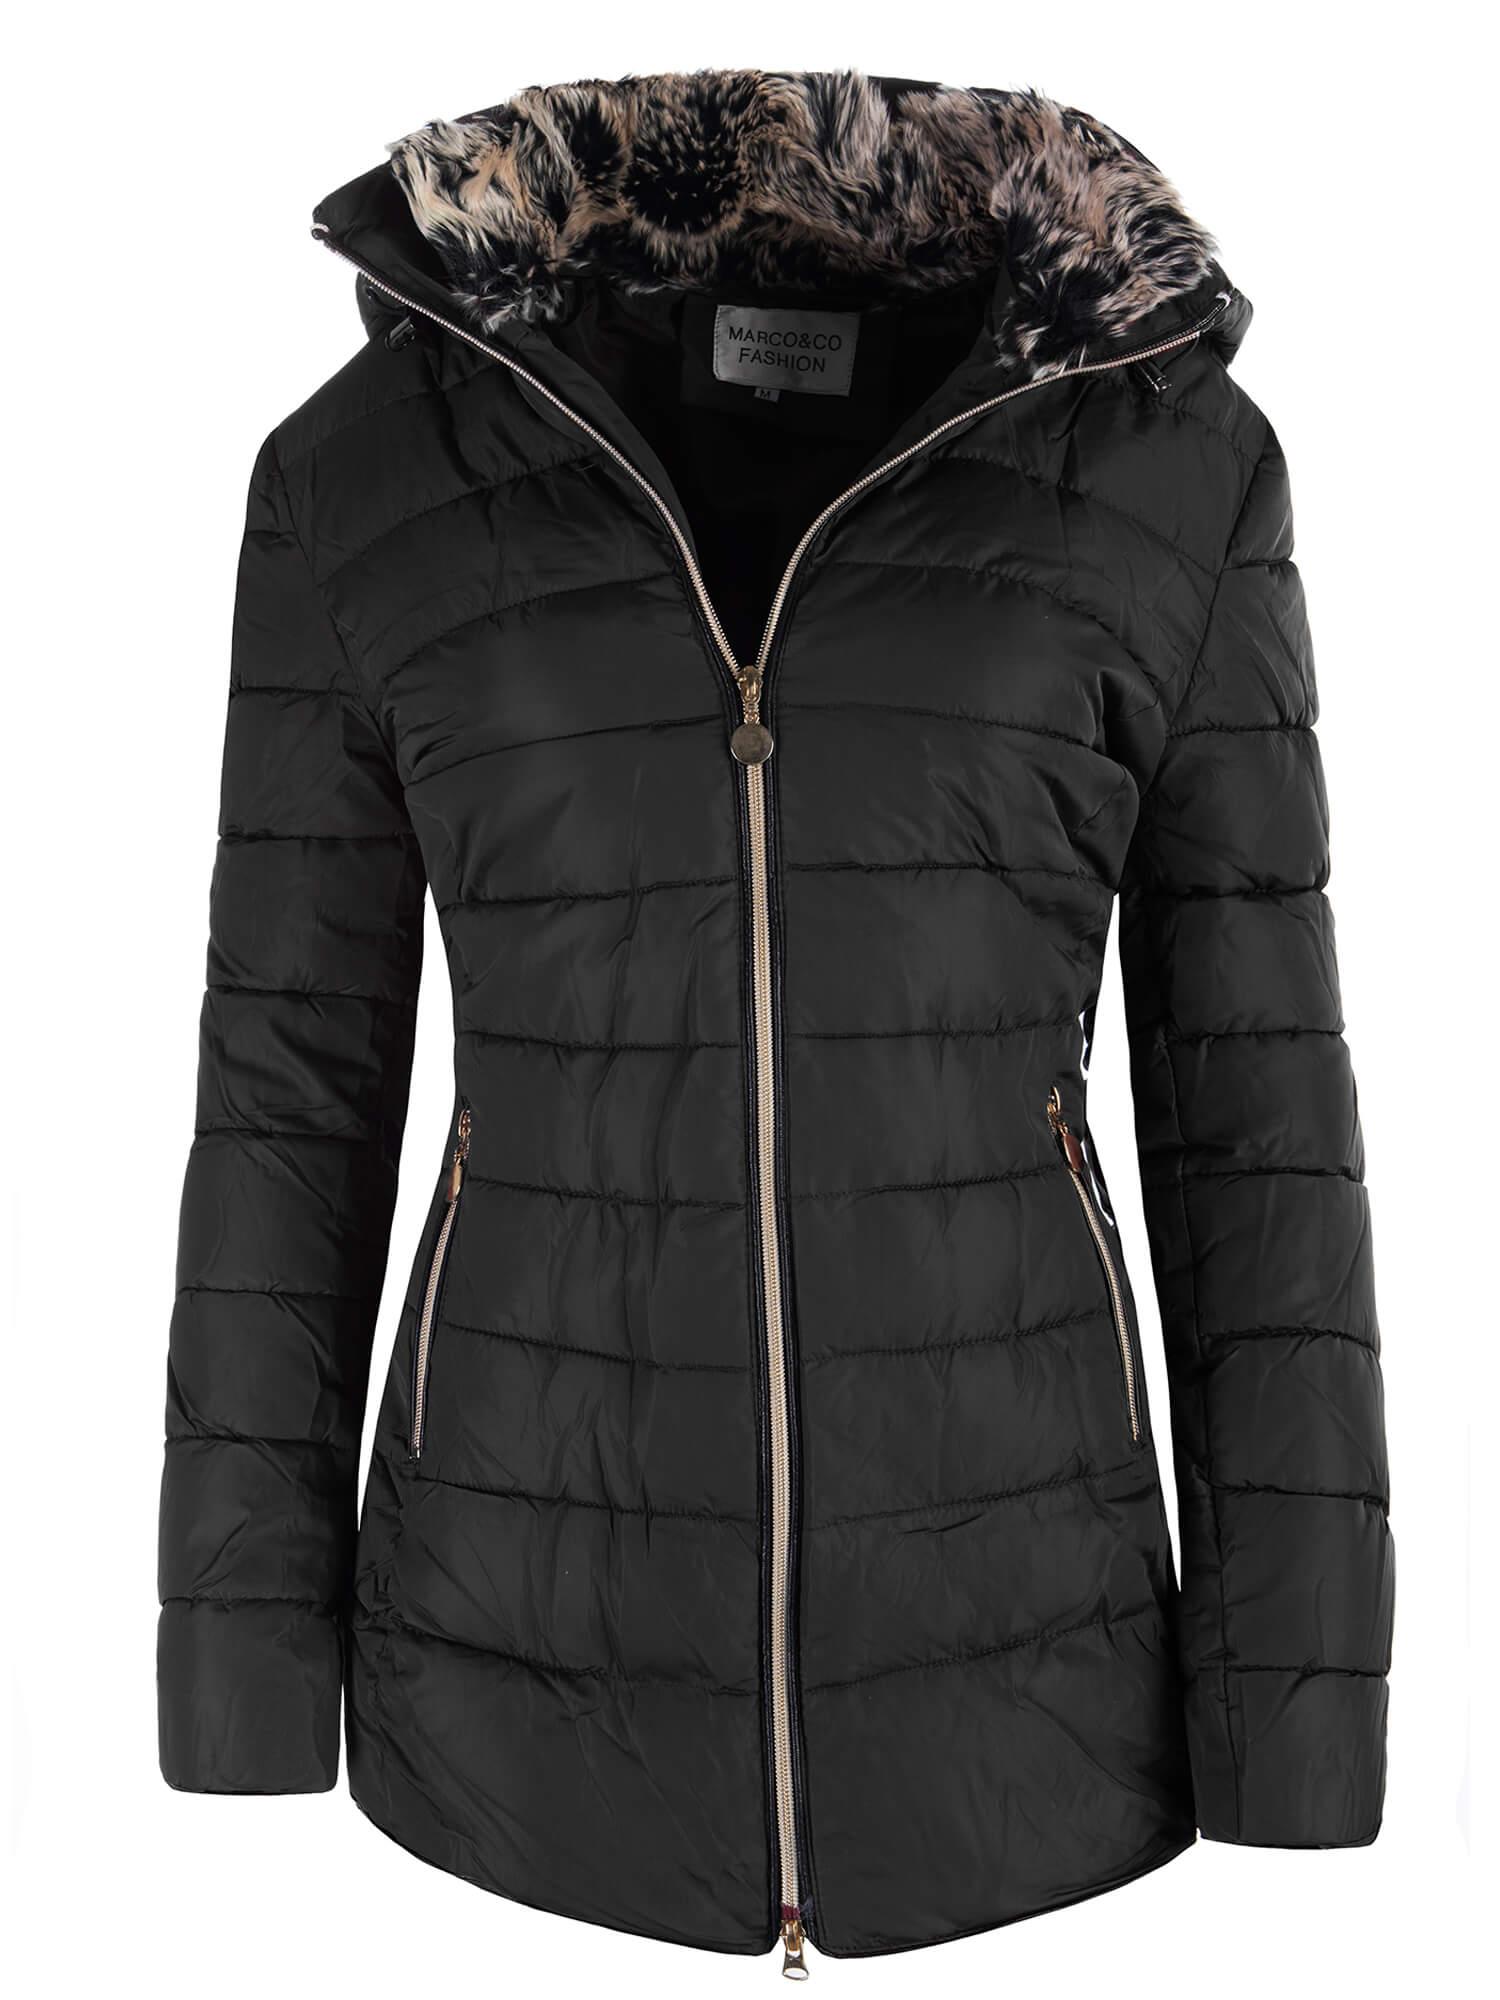 Dámska zimná bunda kapucňa kožušina dlhá 9731 4 farby  7cb005a3fd2